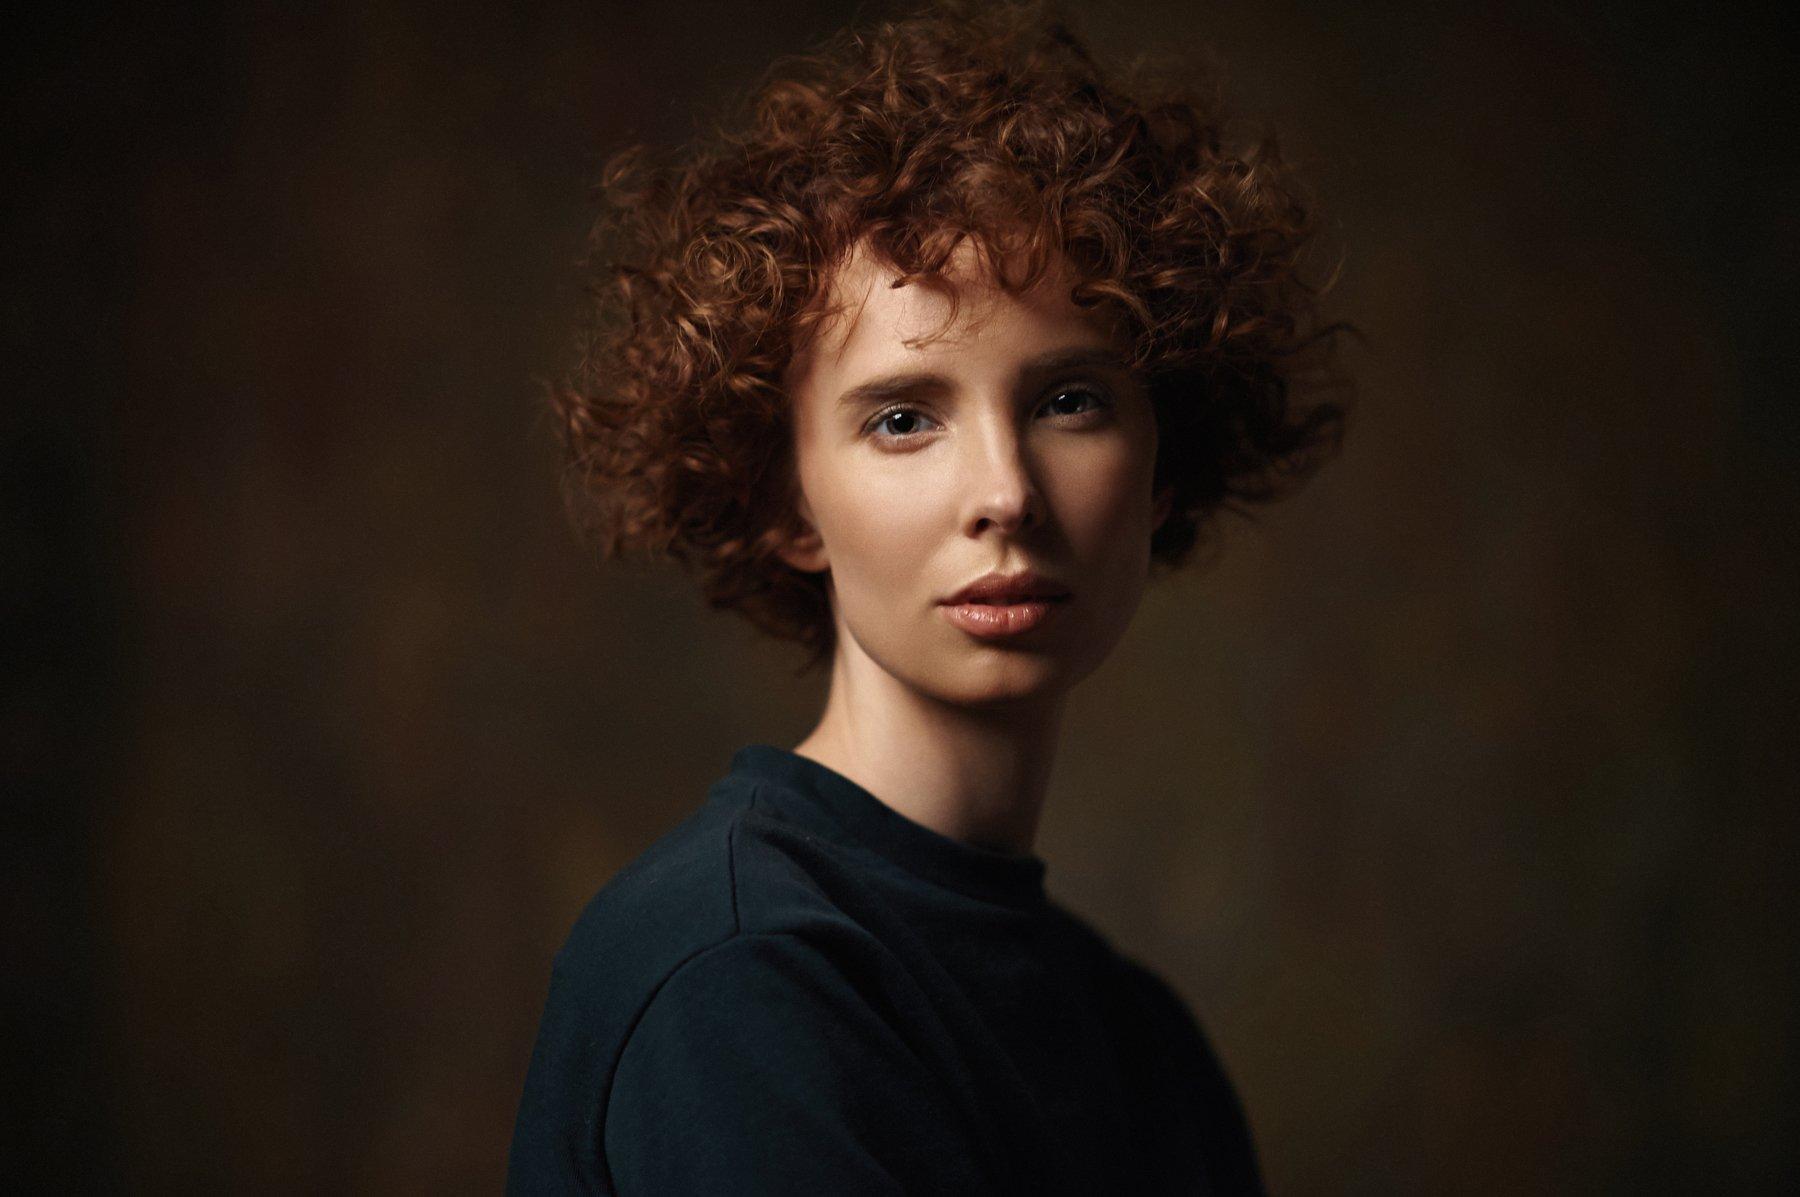 девушка, модель, портрет, 2017, portrait, model, Василий Жуков